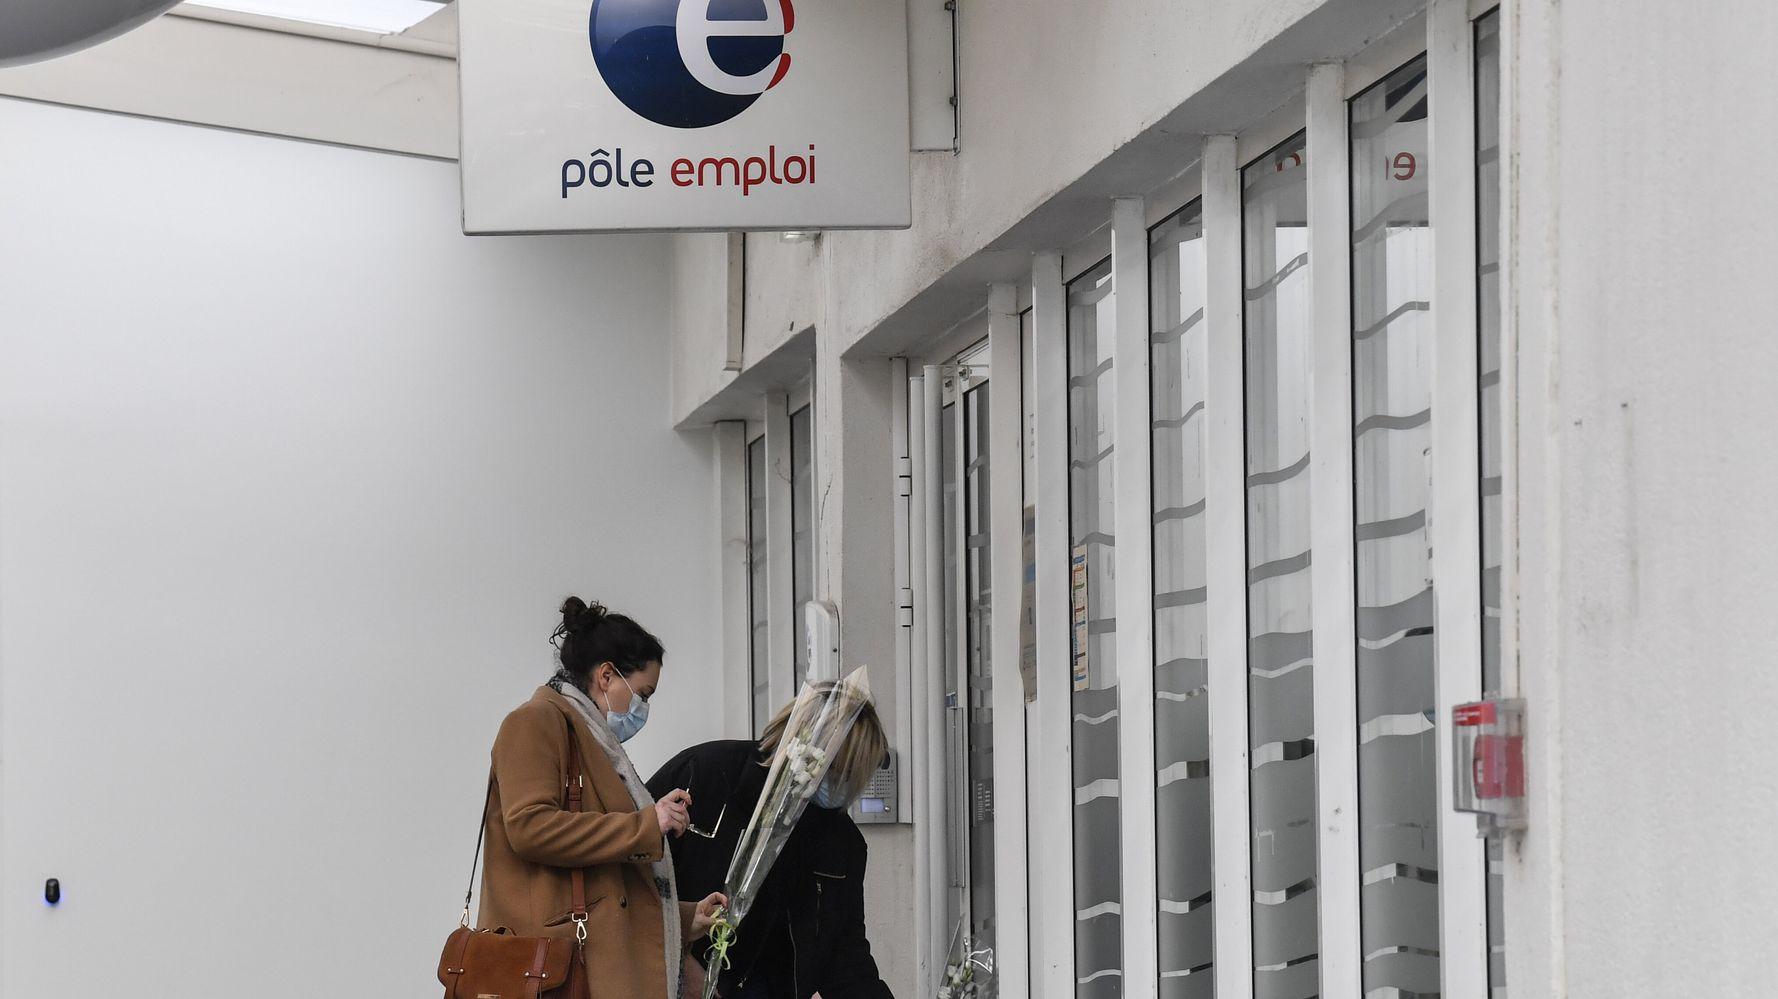 Drame de Valence: les agents Pôle emploi alertent sur leur sécurité